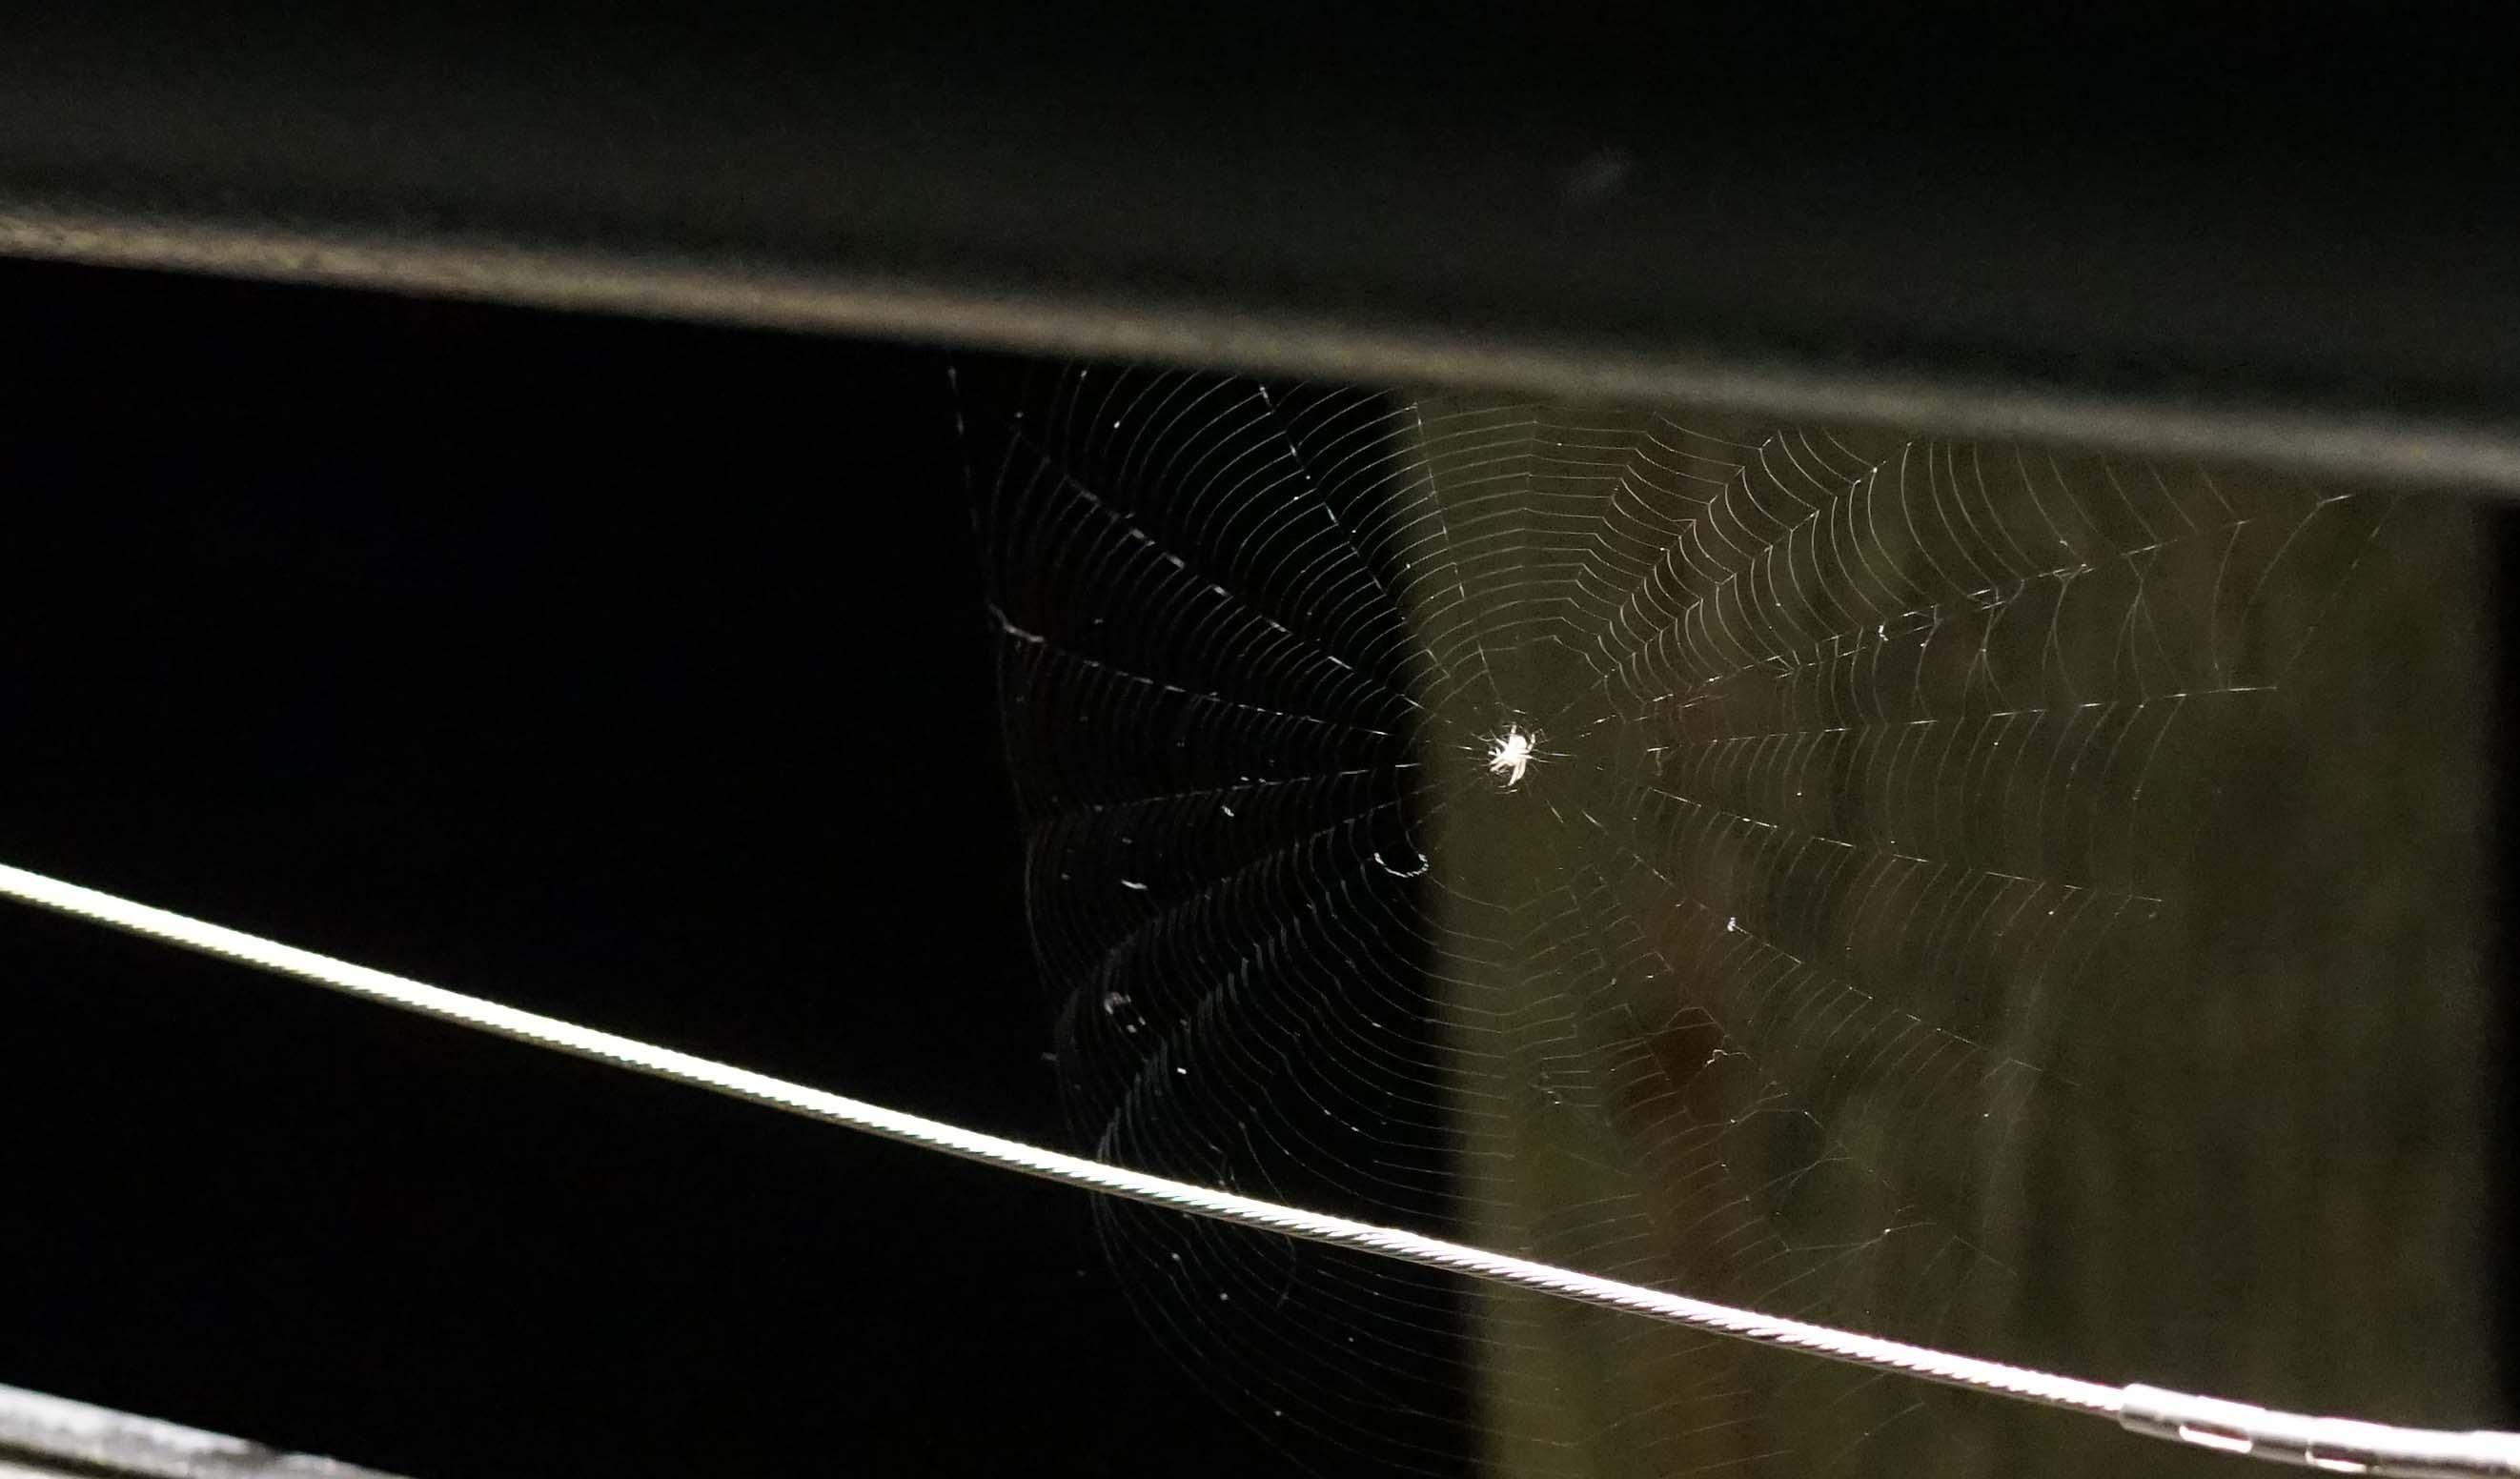 Pier A spider 1